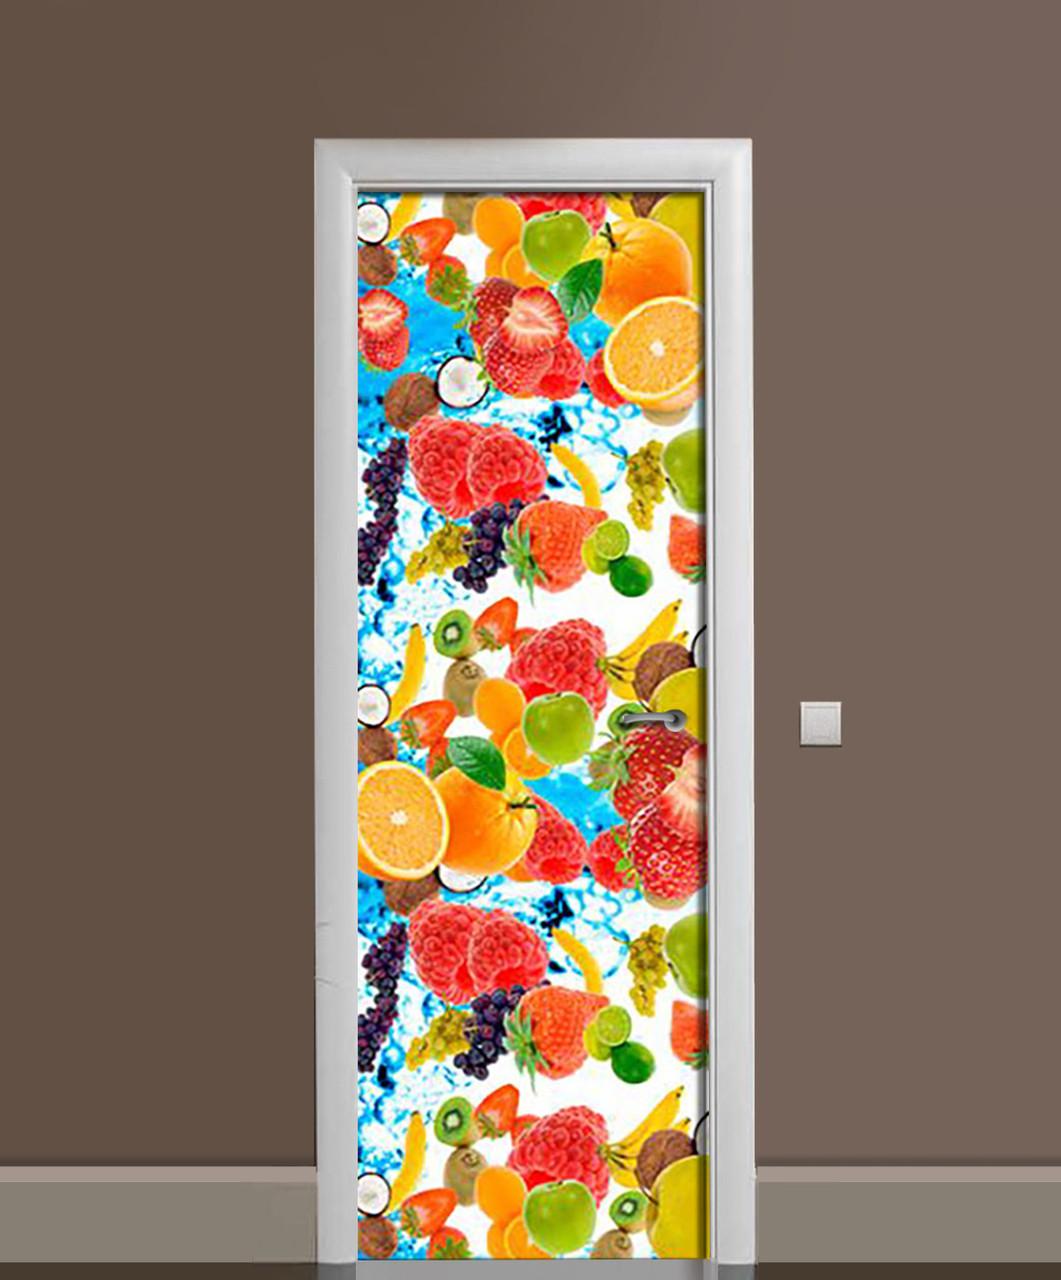 Виниловая наклейка на дверь Фруктовый взрыв ПВХ пленка с ламинацией 65*200см Фрукты Оранжевый